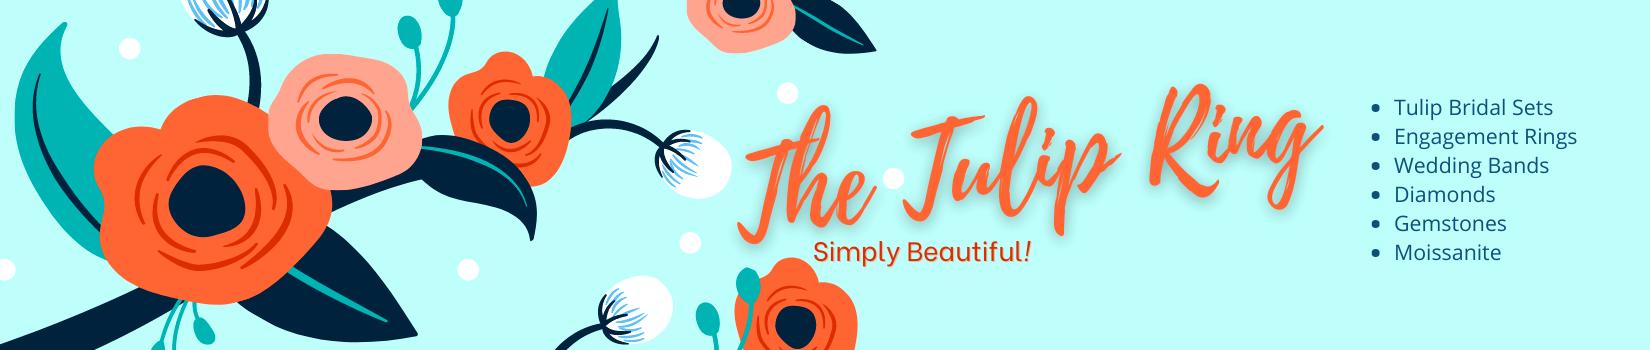 The Tulip Ring